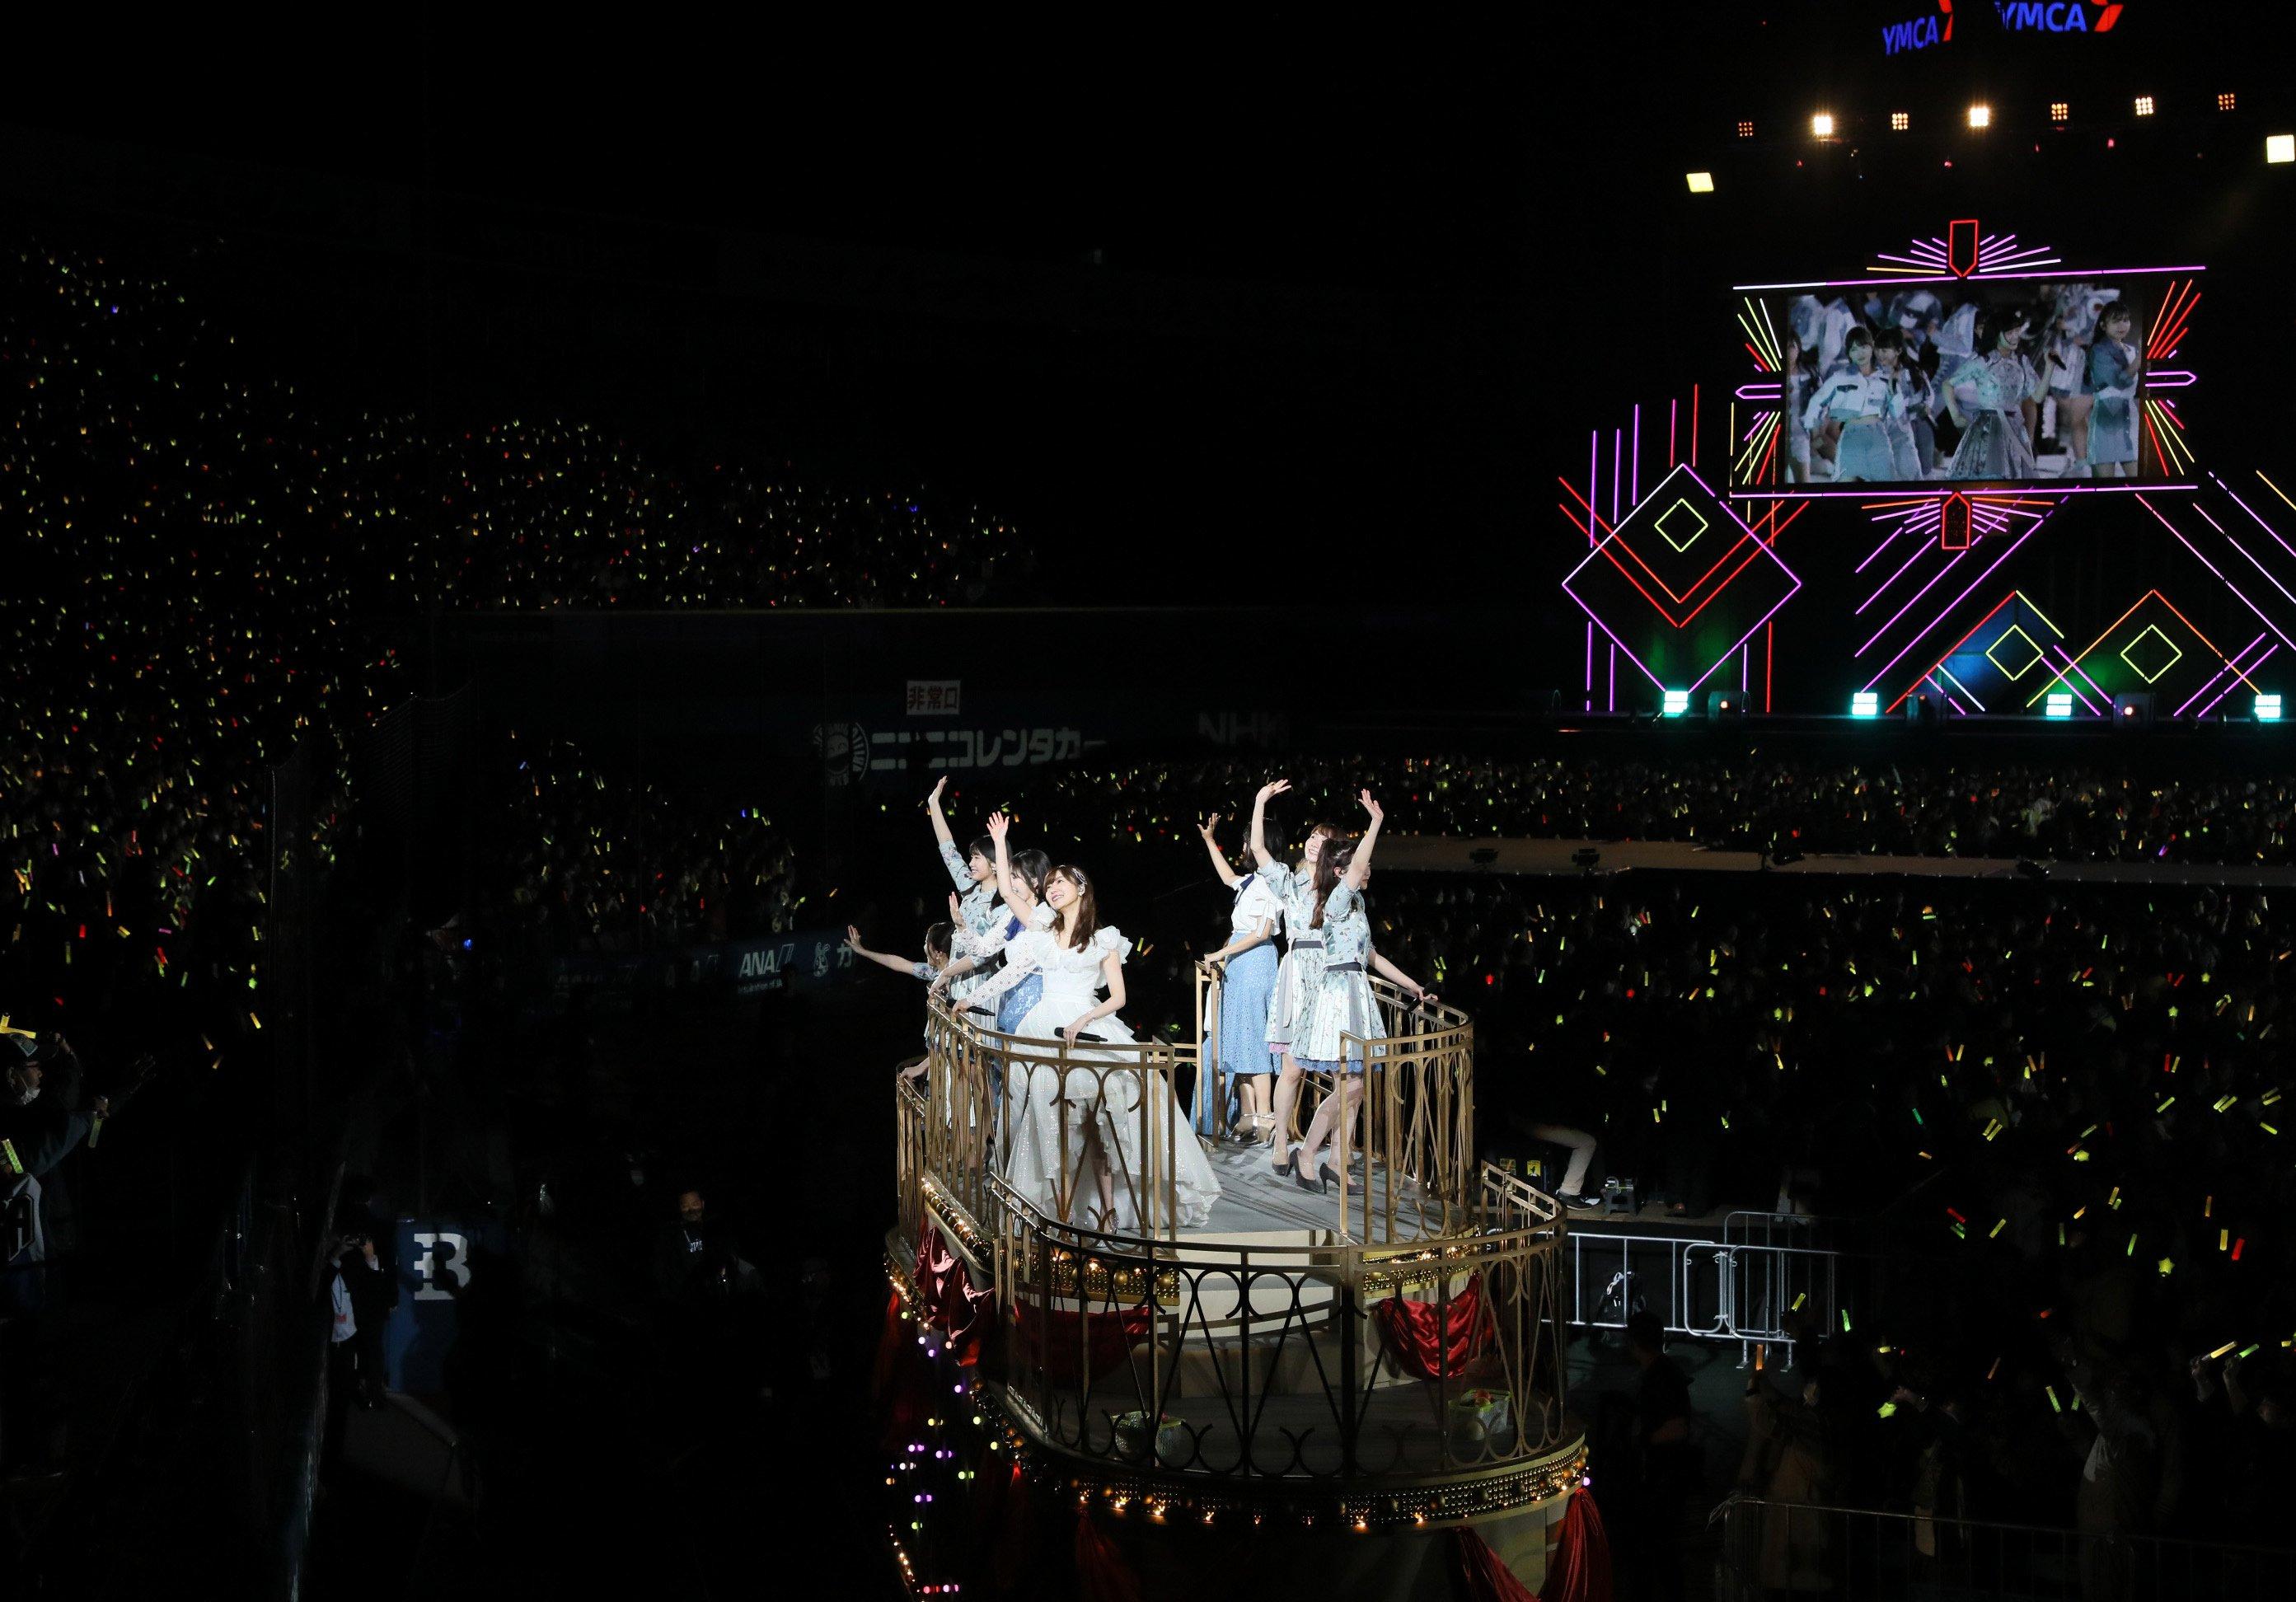 指原莉乃卒業公演に、ダウンタウン松本人志がサプライズ登場!【画像33枚】の画像033